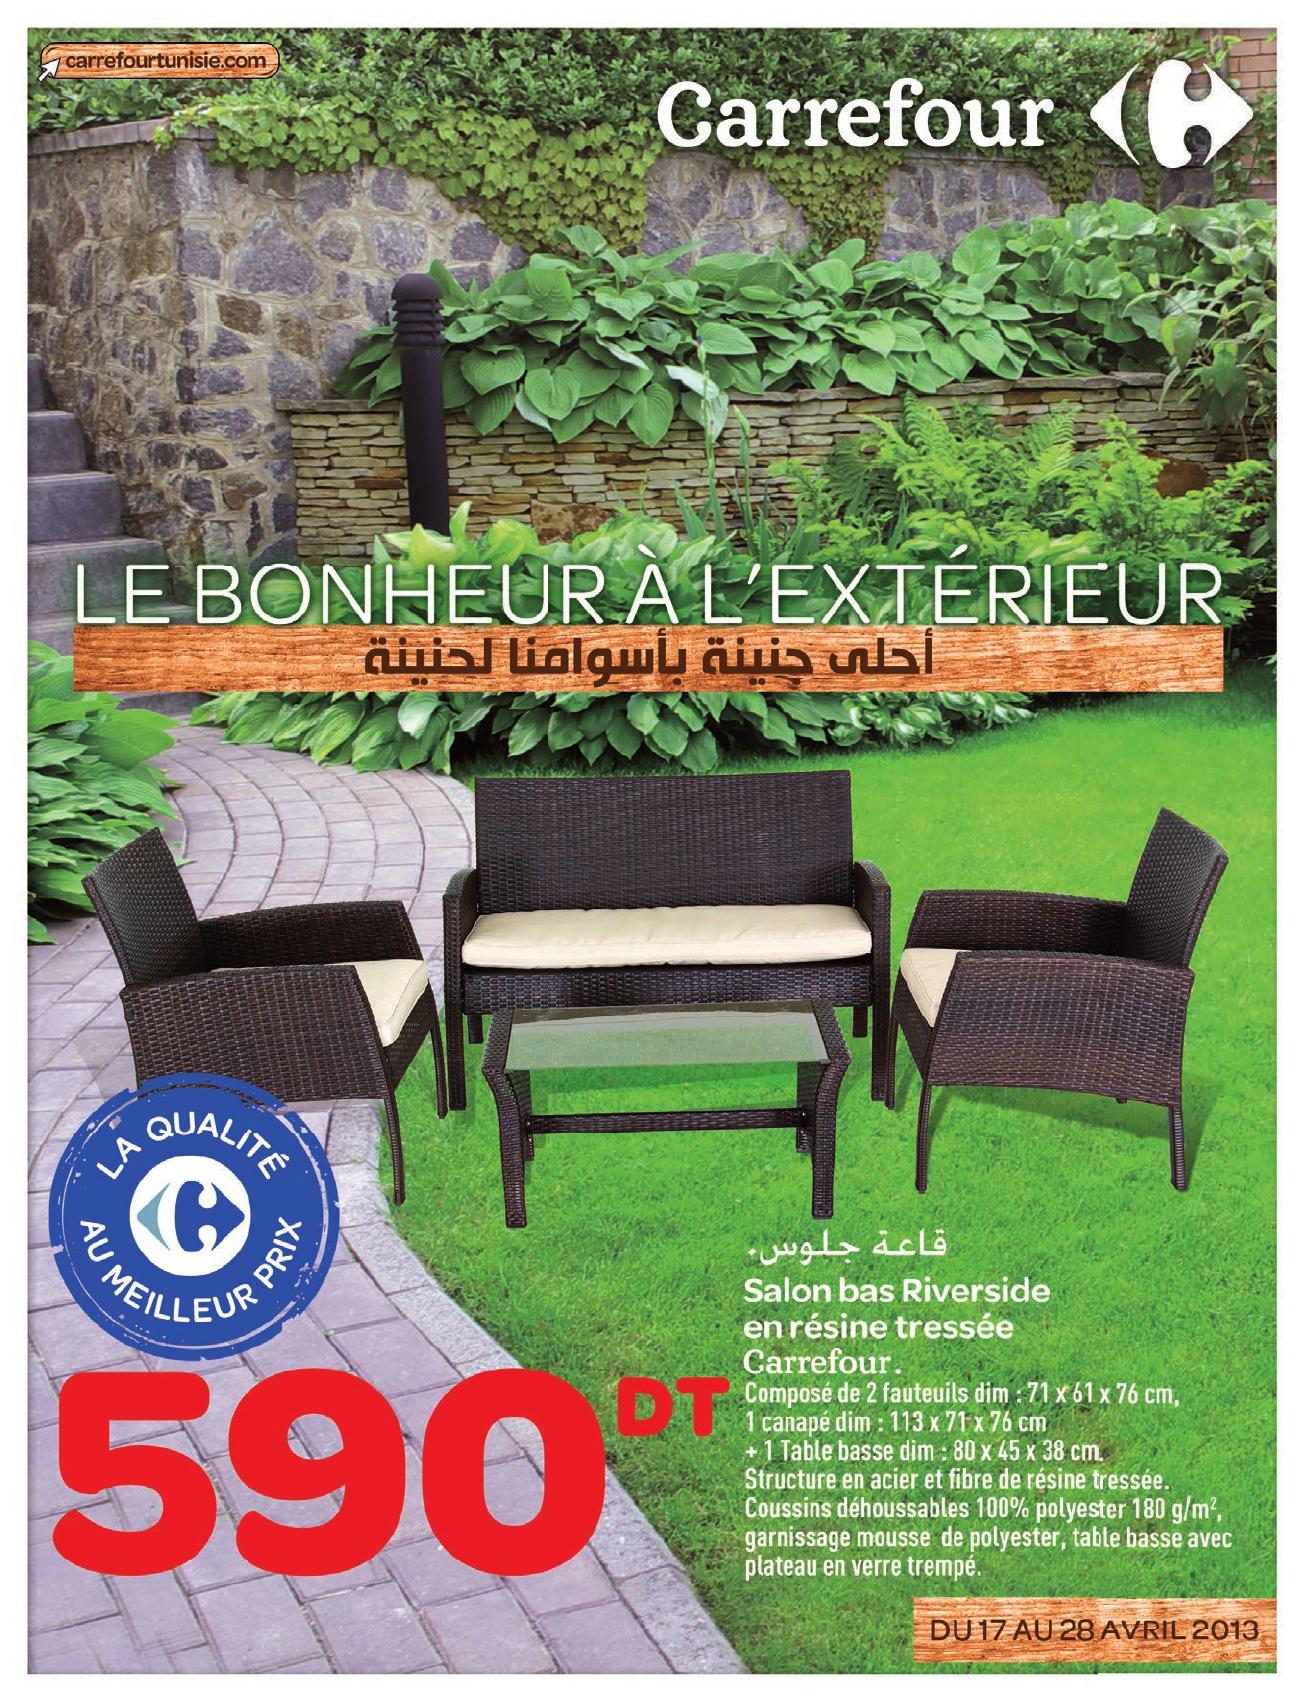 Catalogue Carrefour Le Bonheur L'extrieur - [Pdf Document] encequiconcerne Couche Piscine Carrefour